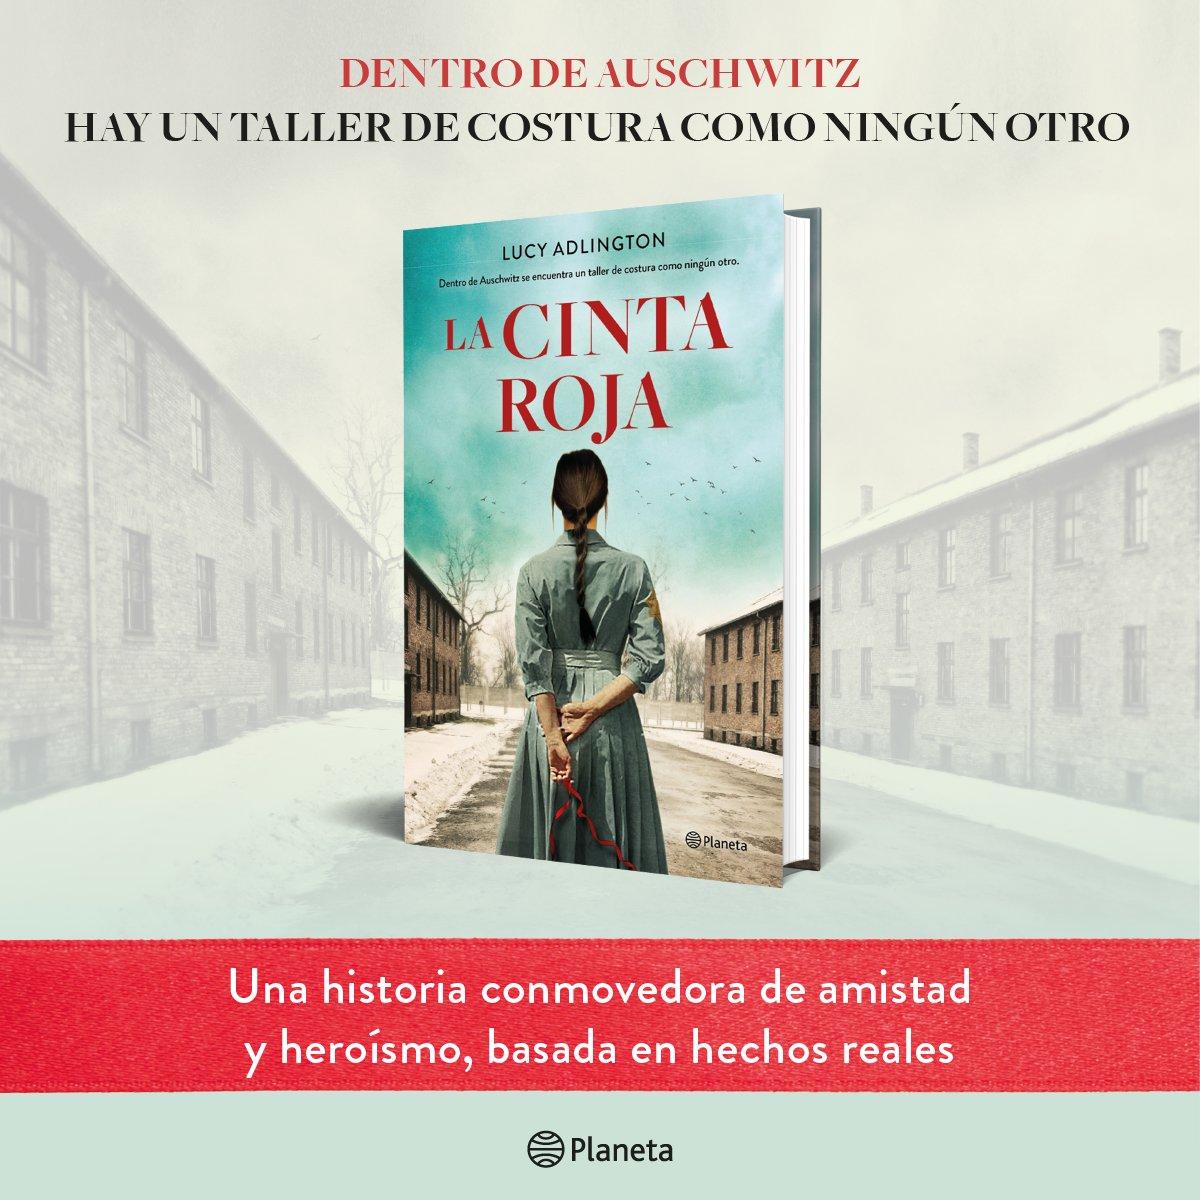 Planeta de Libros Chile (@PlanetaLibrosCh) | Twitter